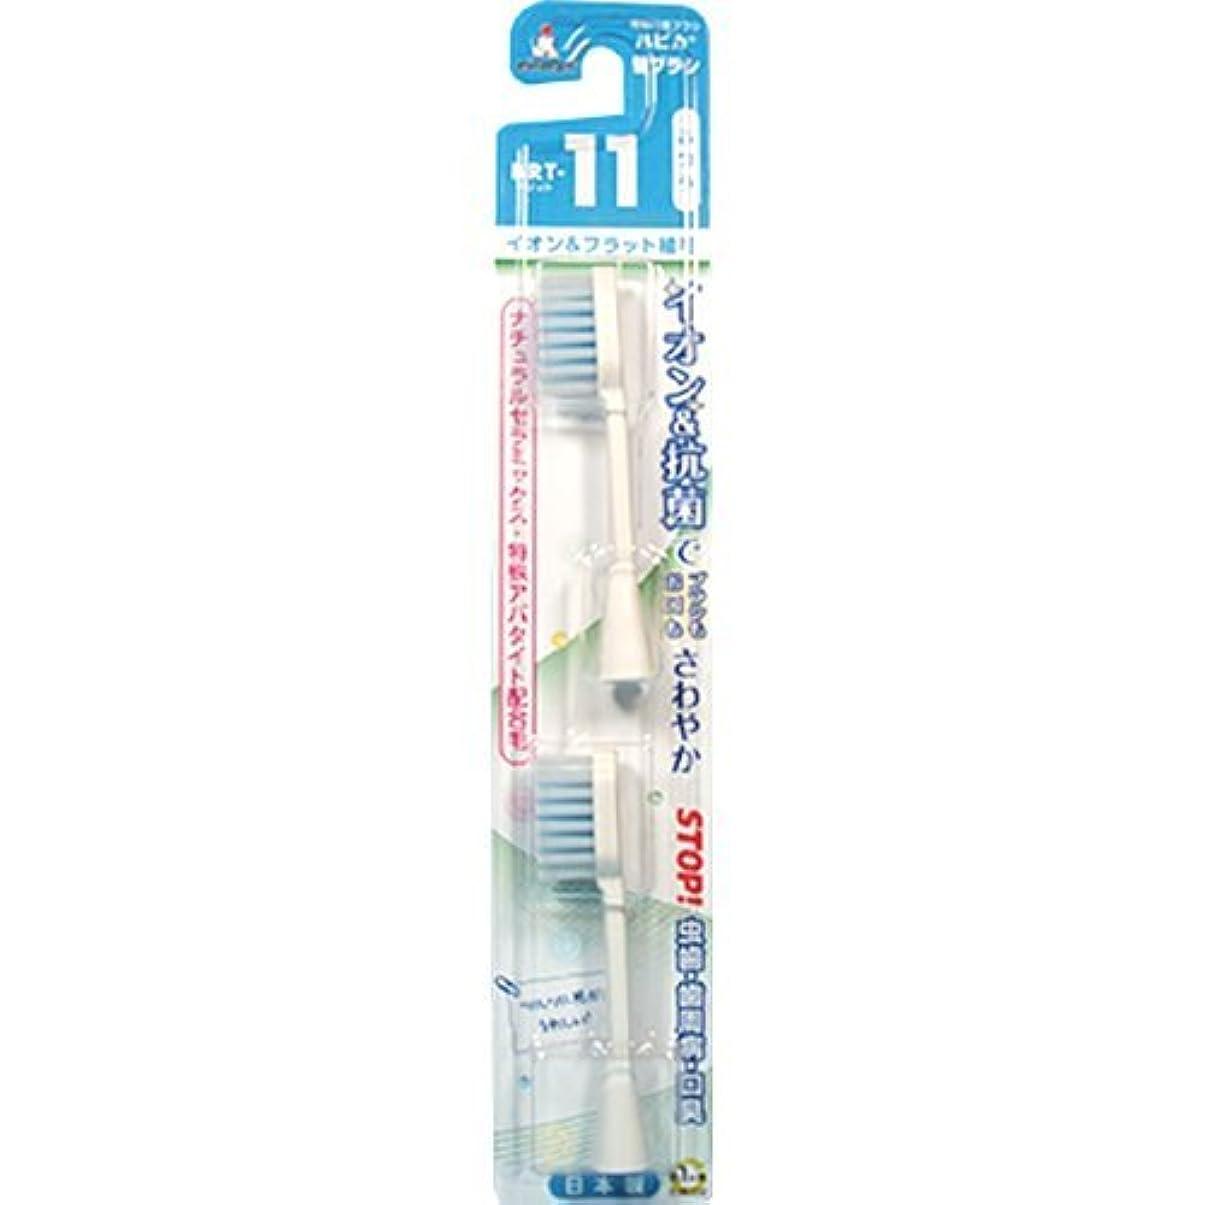 助けて代わりにパーツミニマム 電動付歯ブラシ ハピカ 専用替ブラシ イオン+フラット植毛 毛の硬さ:ふつう BRT-11 2個入